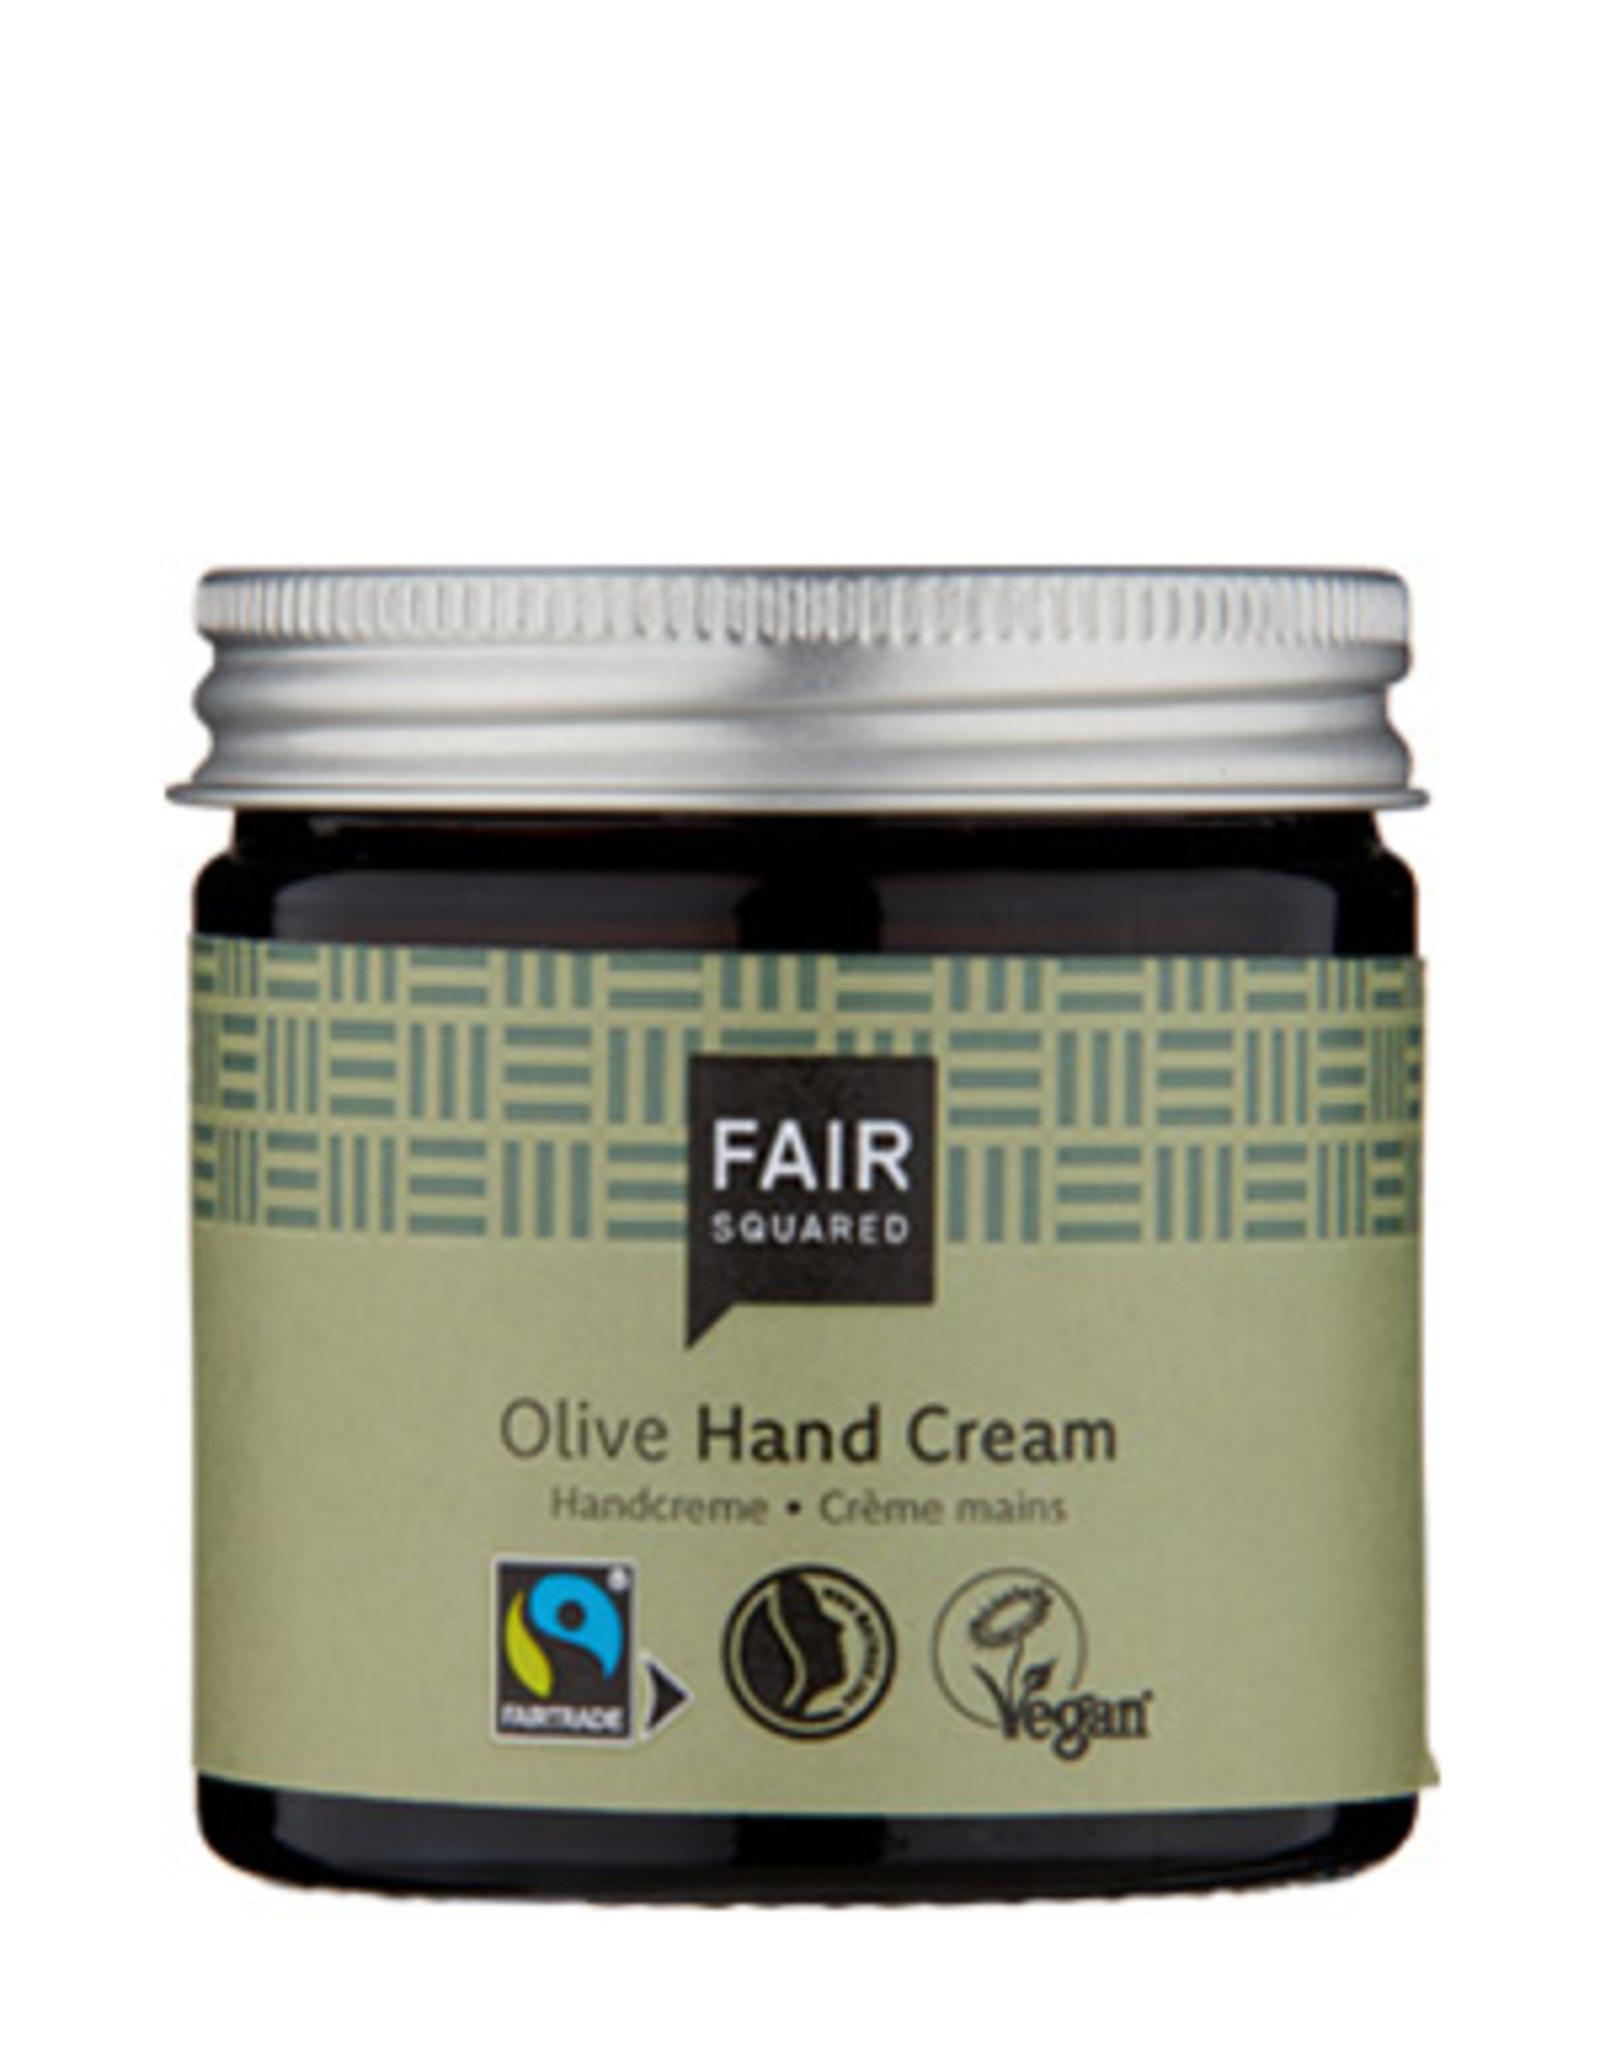 Fairsquared Handcrème